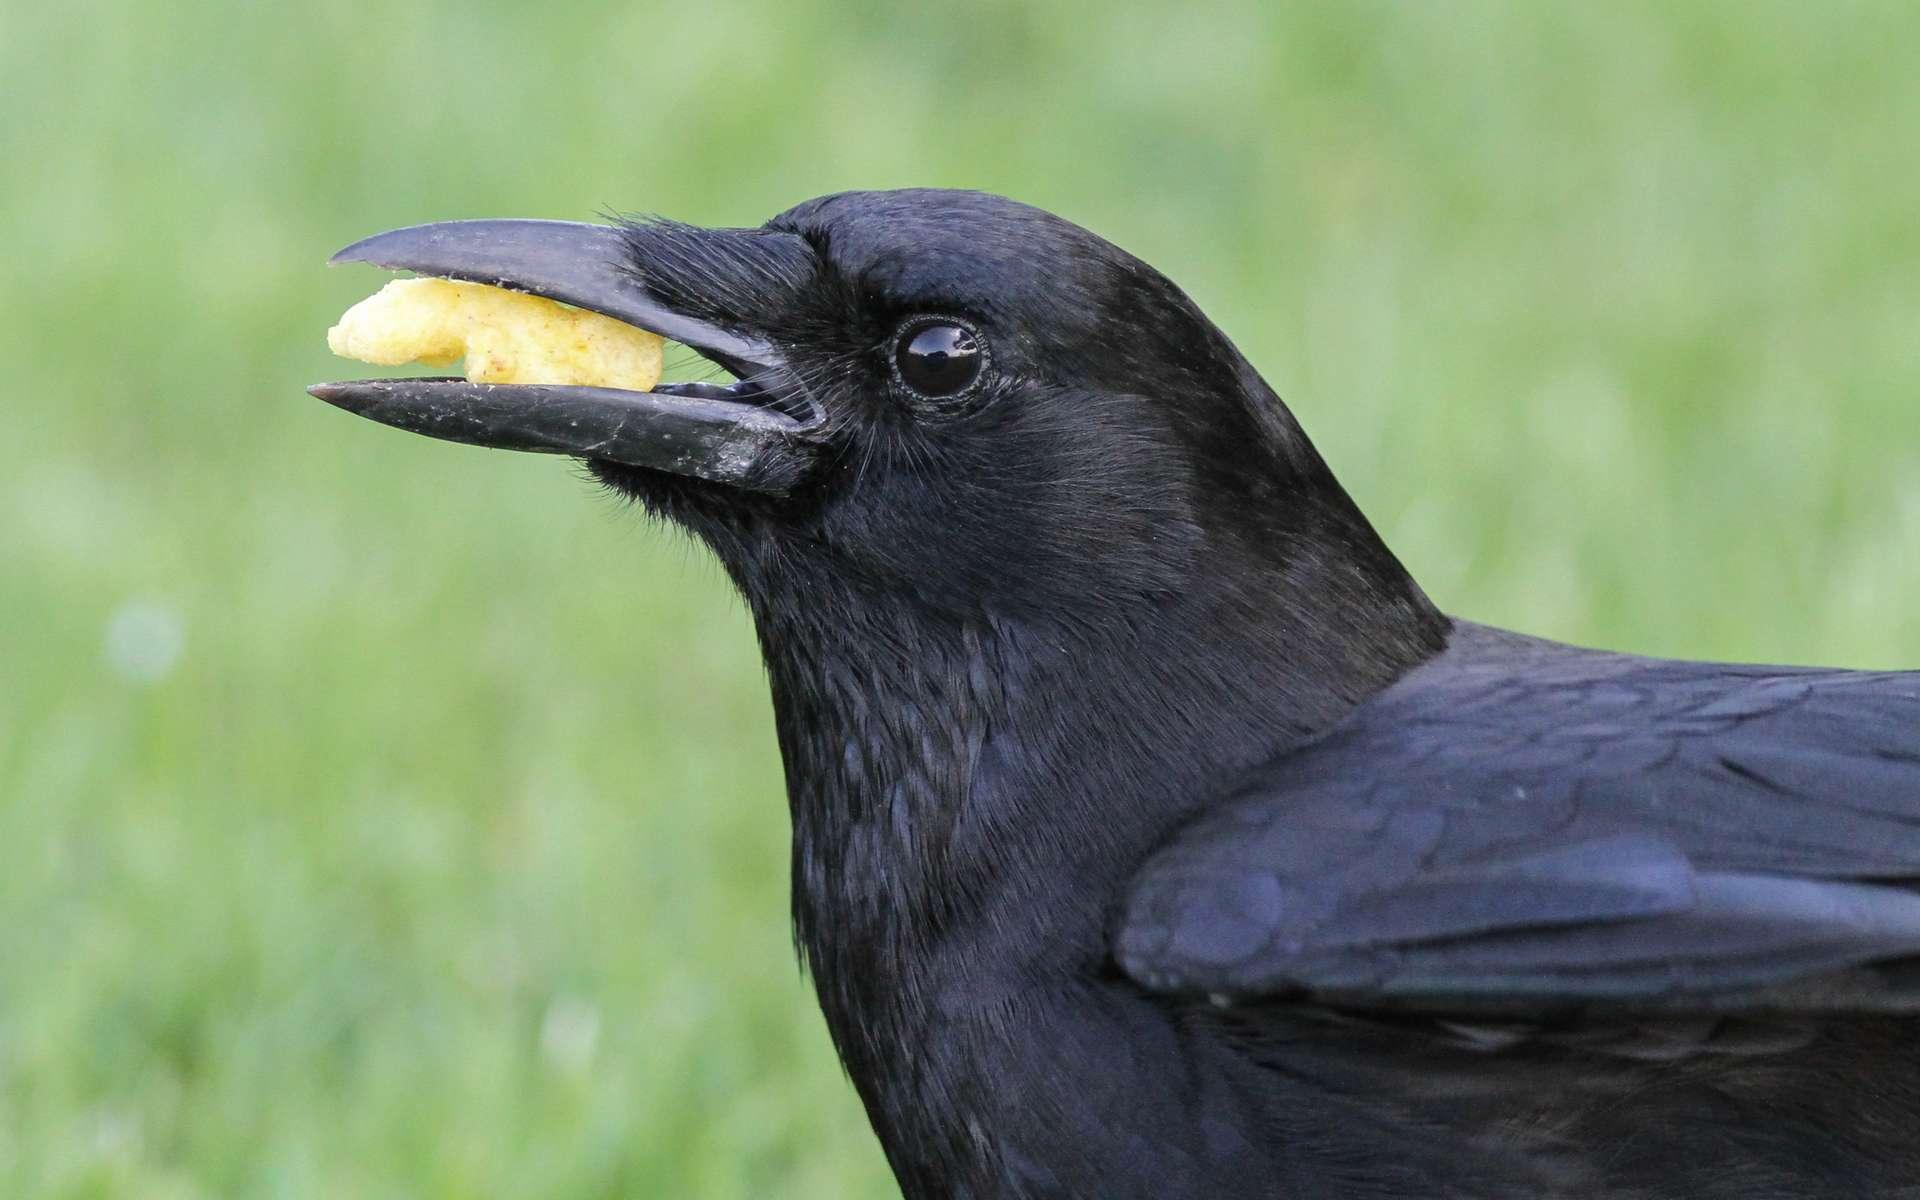 Le corbeau est un opportuniste qui se nourrit de tout ce qu'il trouve. © Fyn Kynd, Flickr